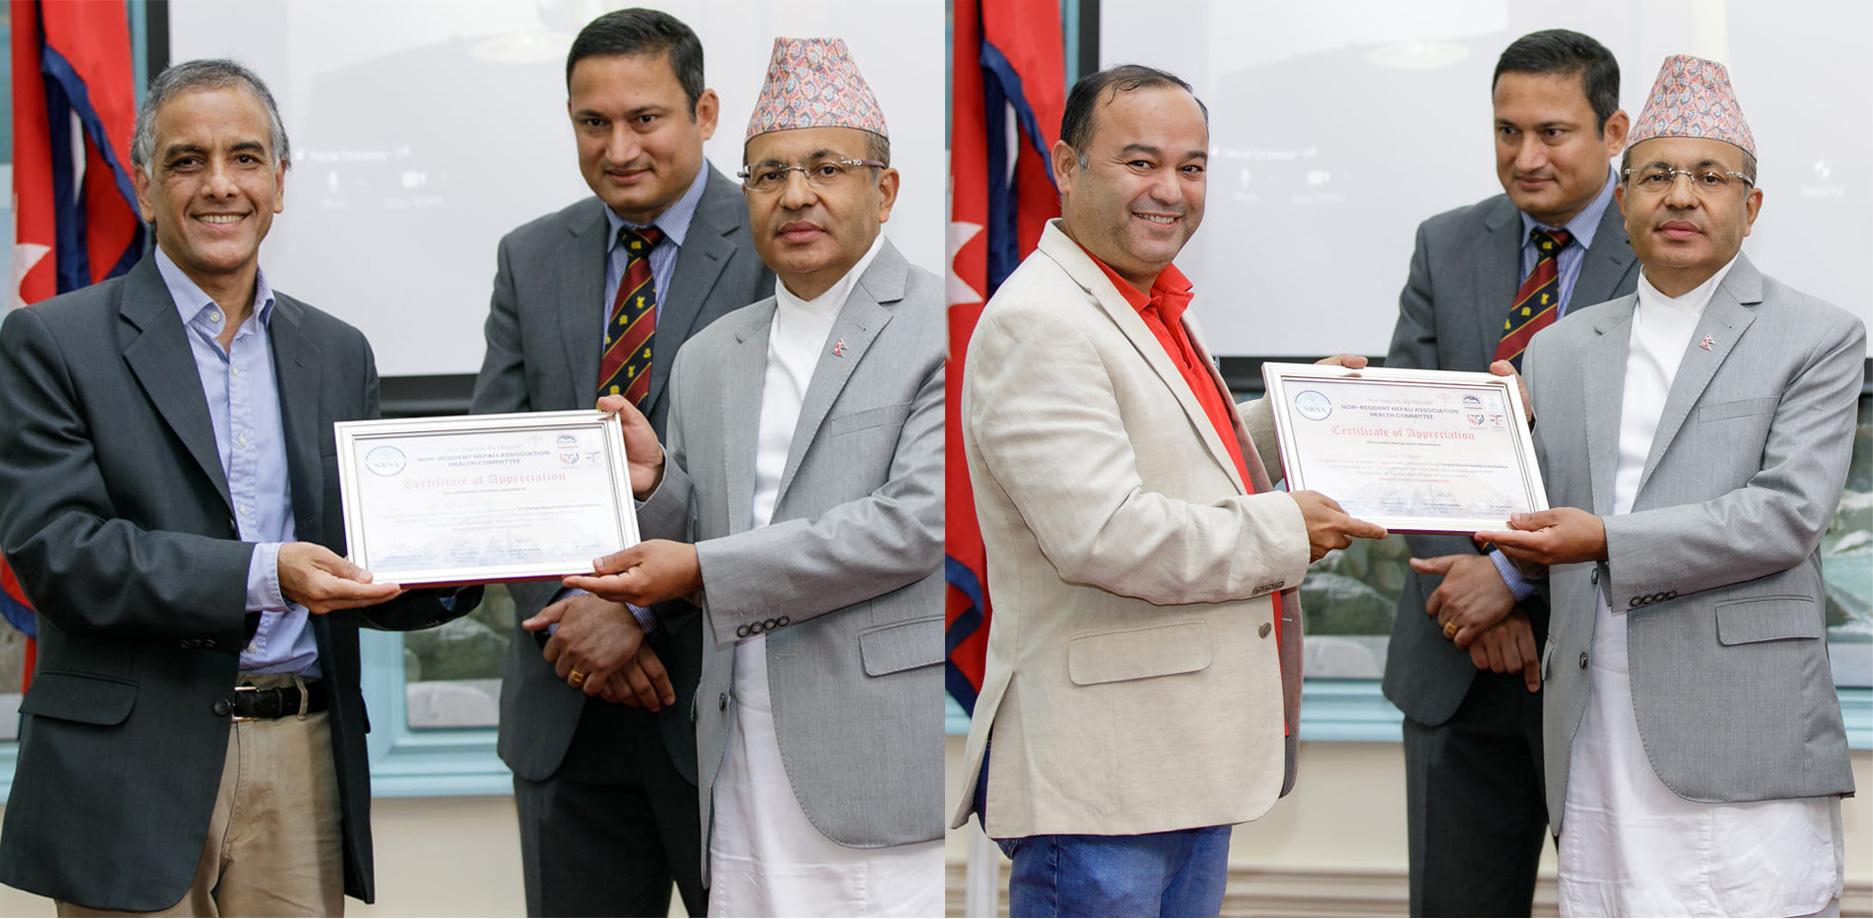 लण्डनमा पत्रकारद्वय योगी र शर्मा सम्मानित